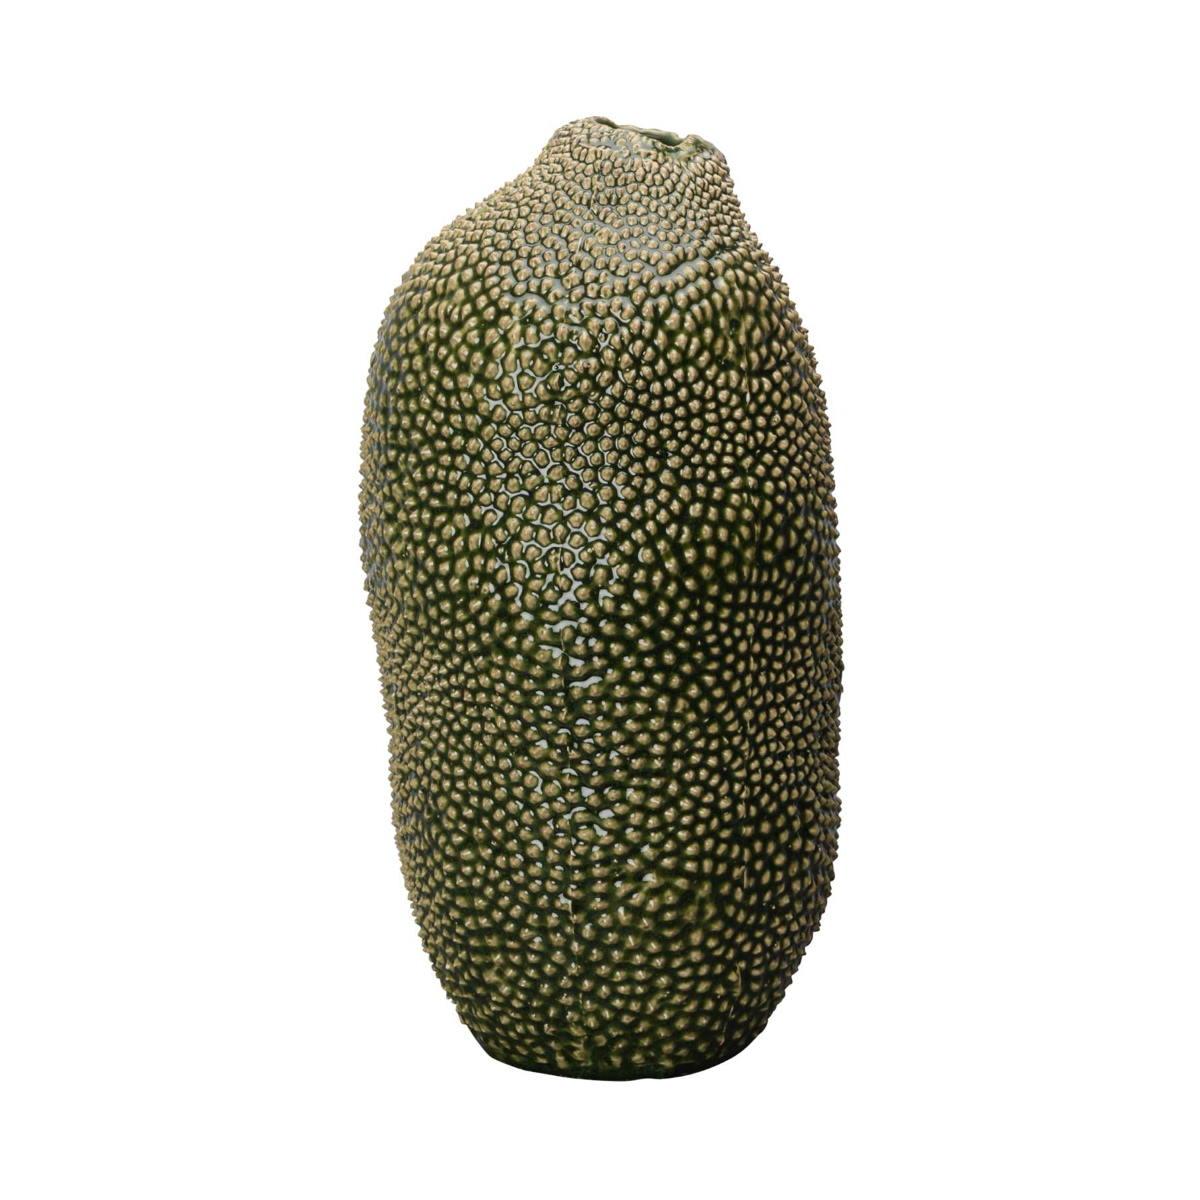 Vas Caulerpa stor grön, ByON